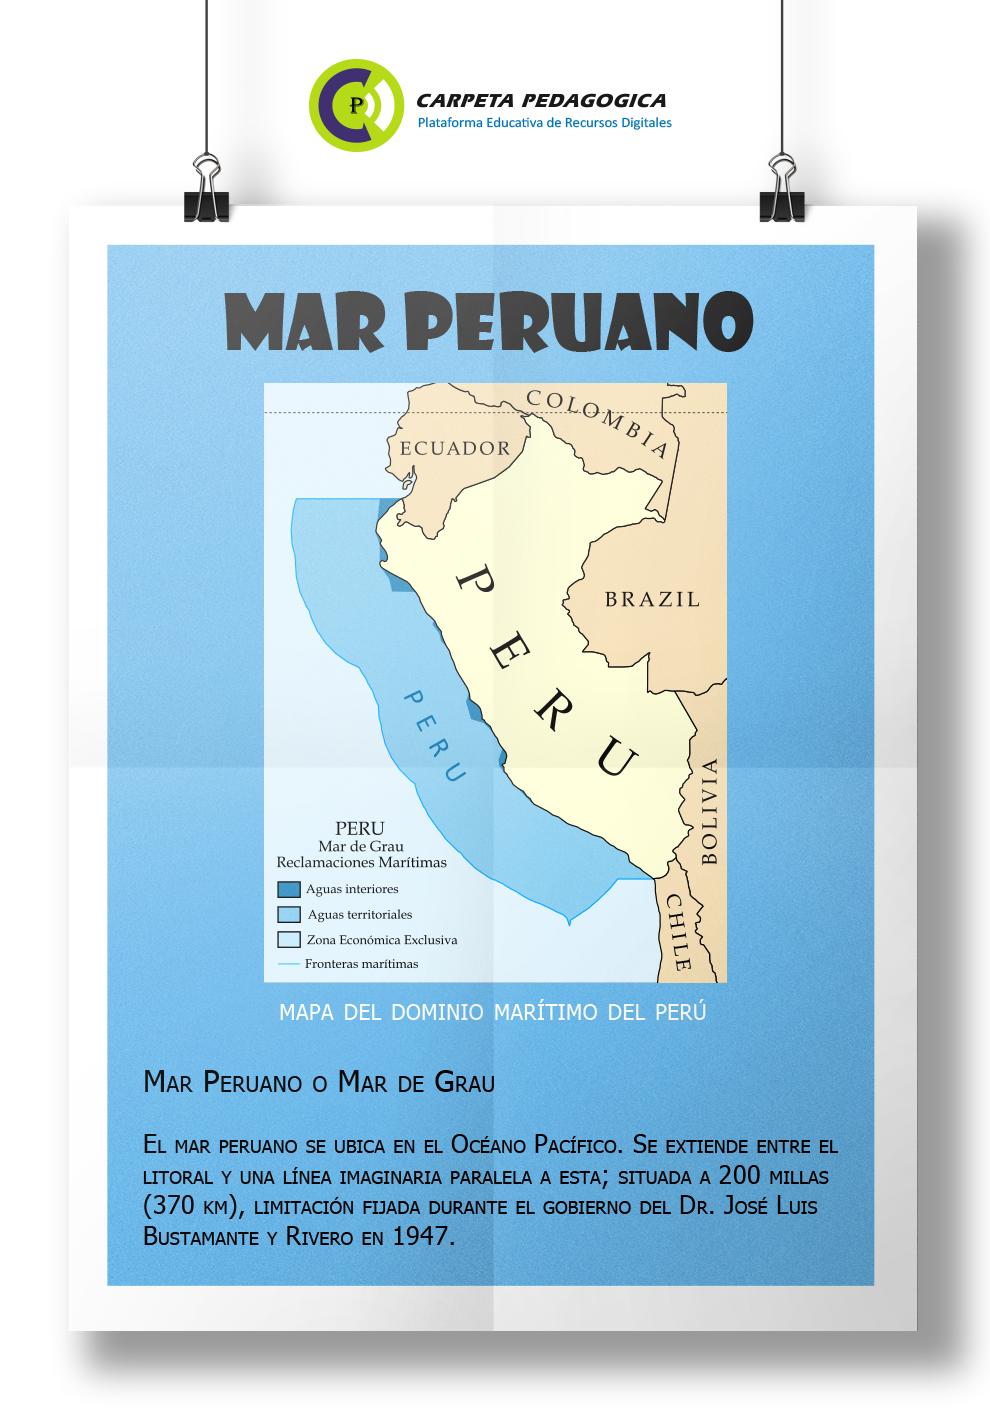 Mar Peruano o Mar de Grau